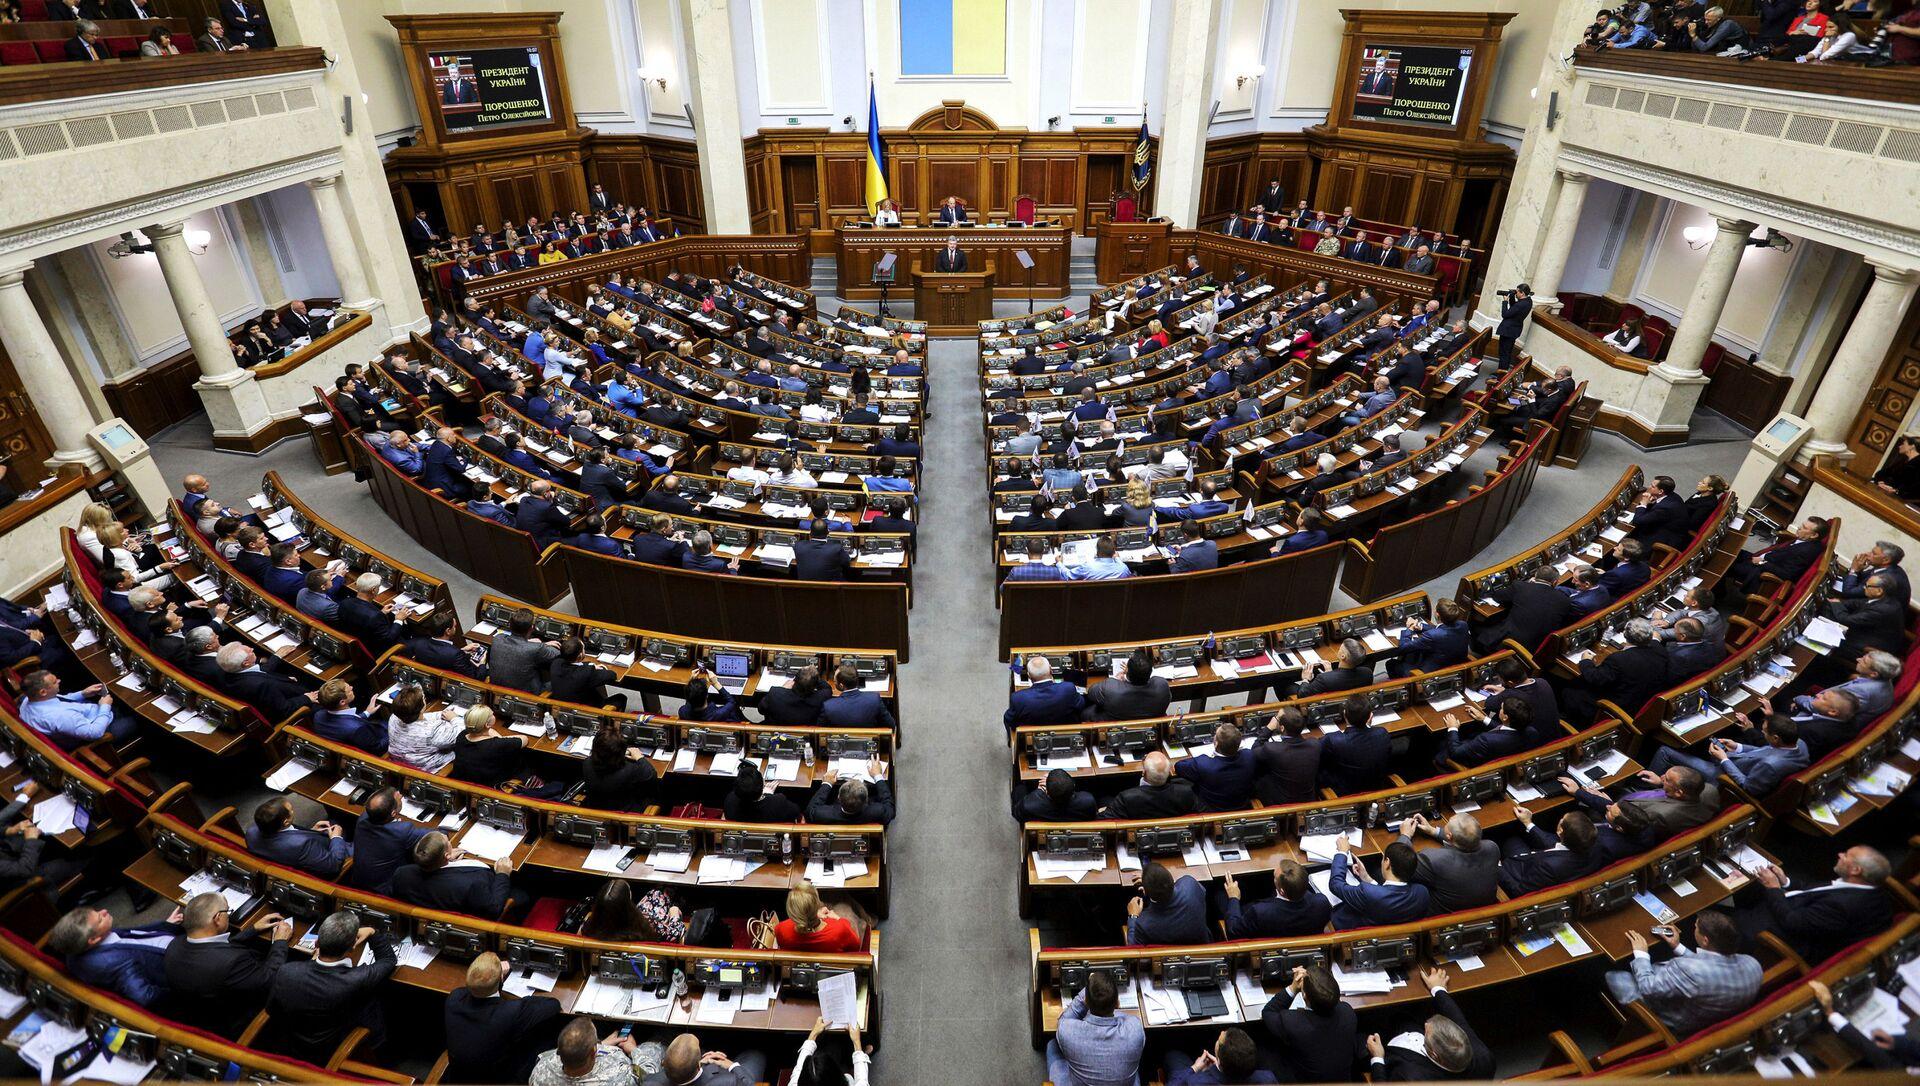 Zasedání Nejvyšší rady Ukrajiny - Sputnik Česká republika, 1920, 06.03.2021